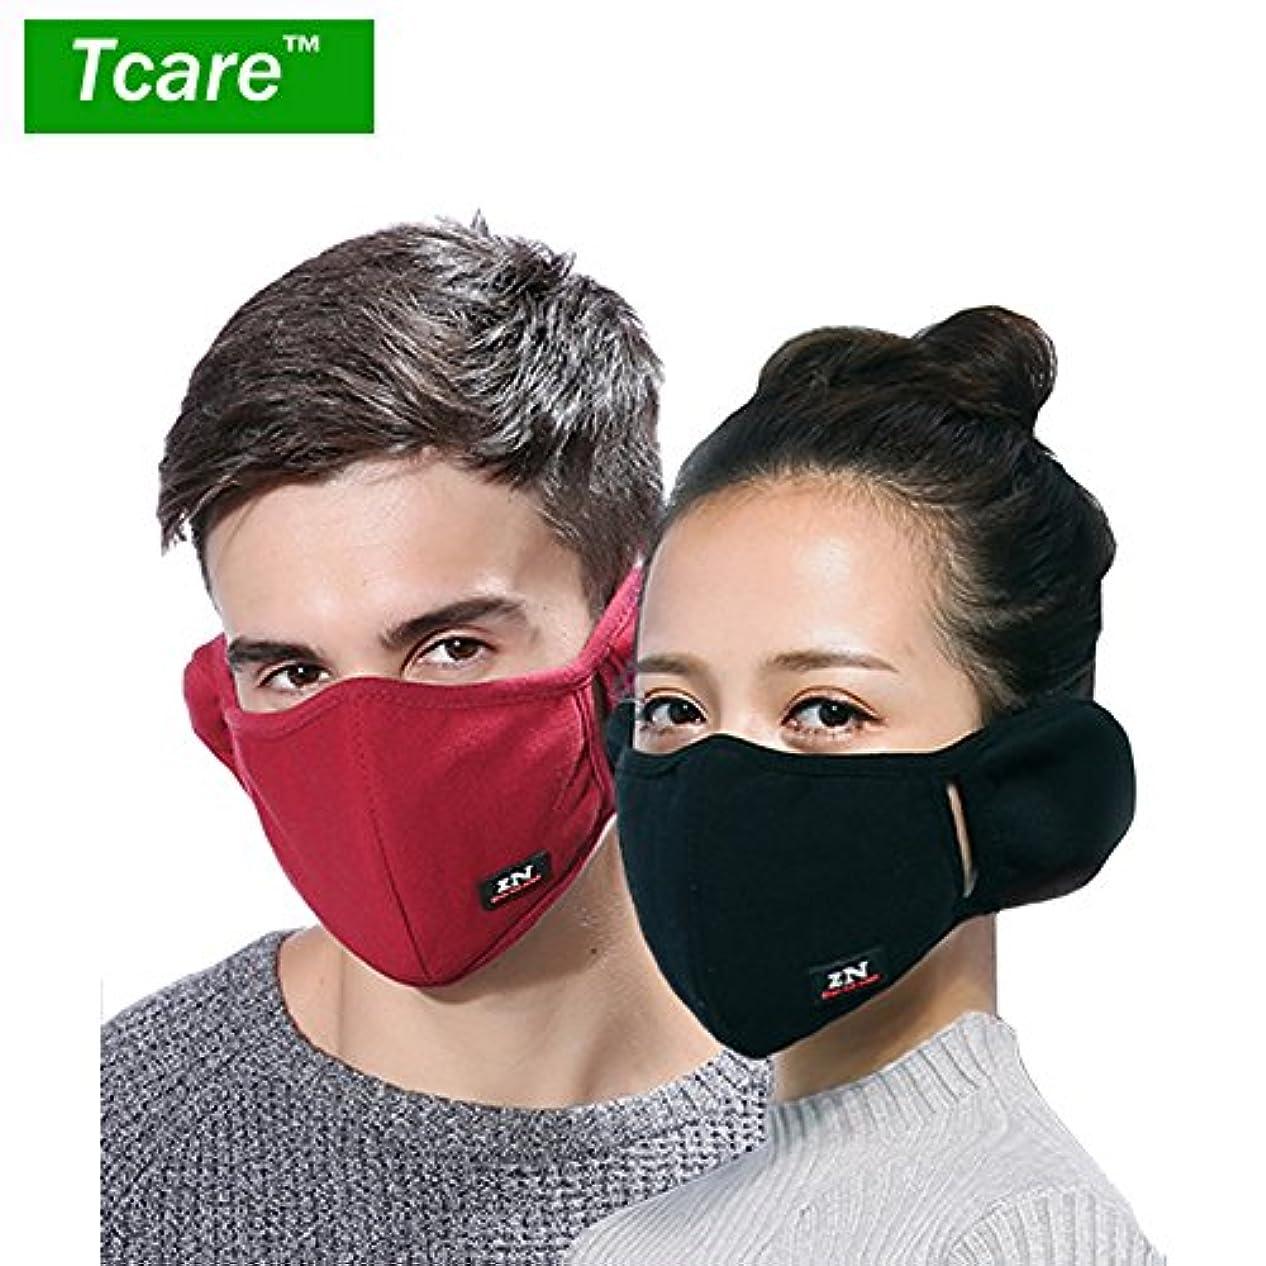 やむを得ない怒っている後男性女性の少年少女のためのTcare呼吸器2レイヤピュアコットン保護フィルター挿入口:6ピンク